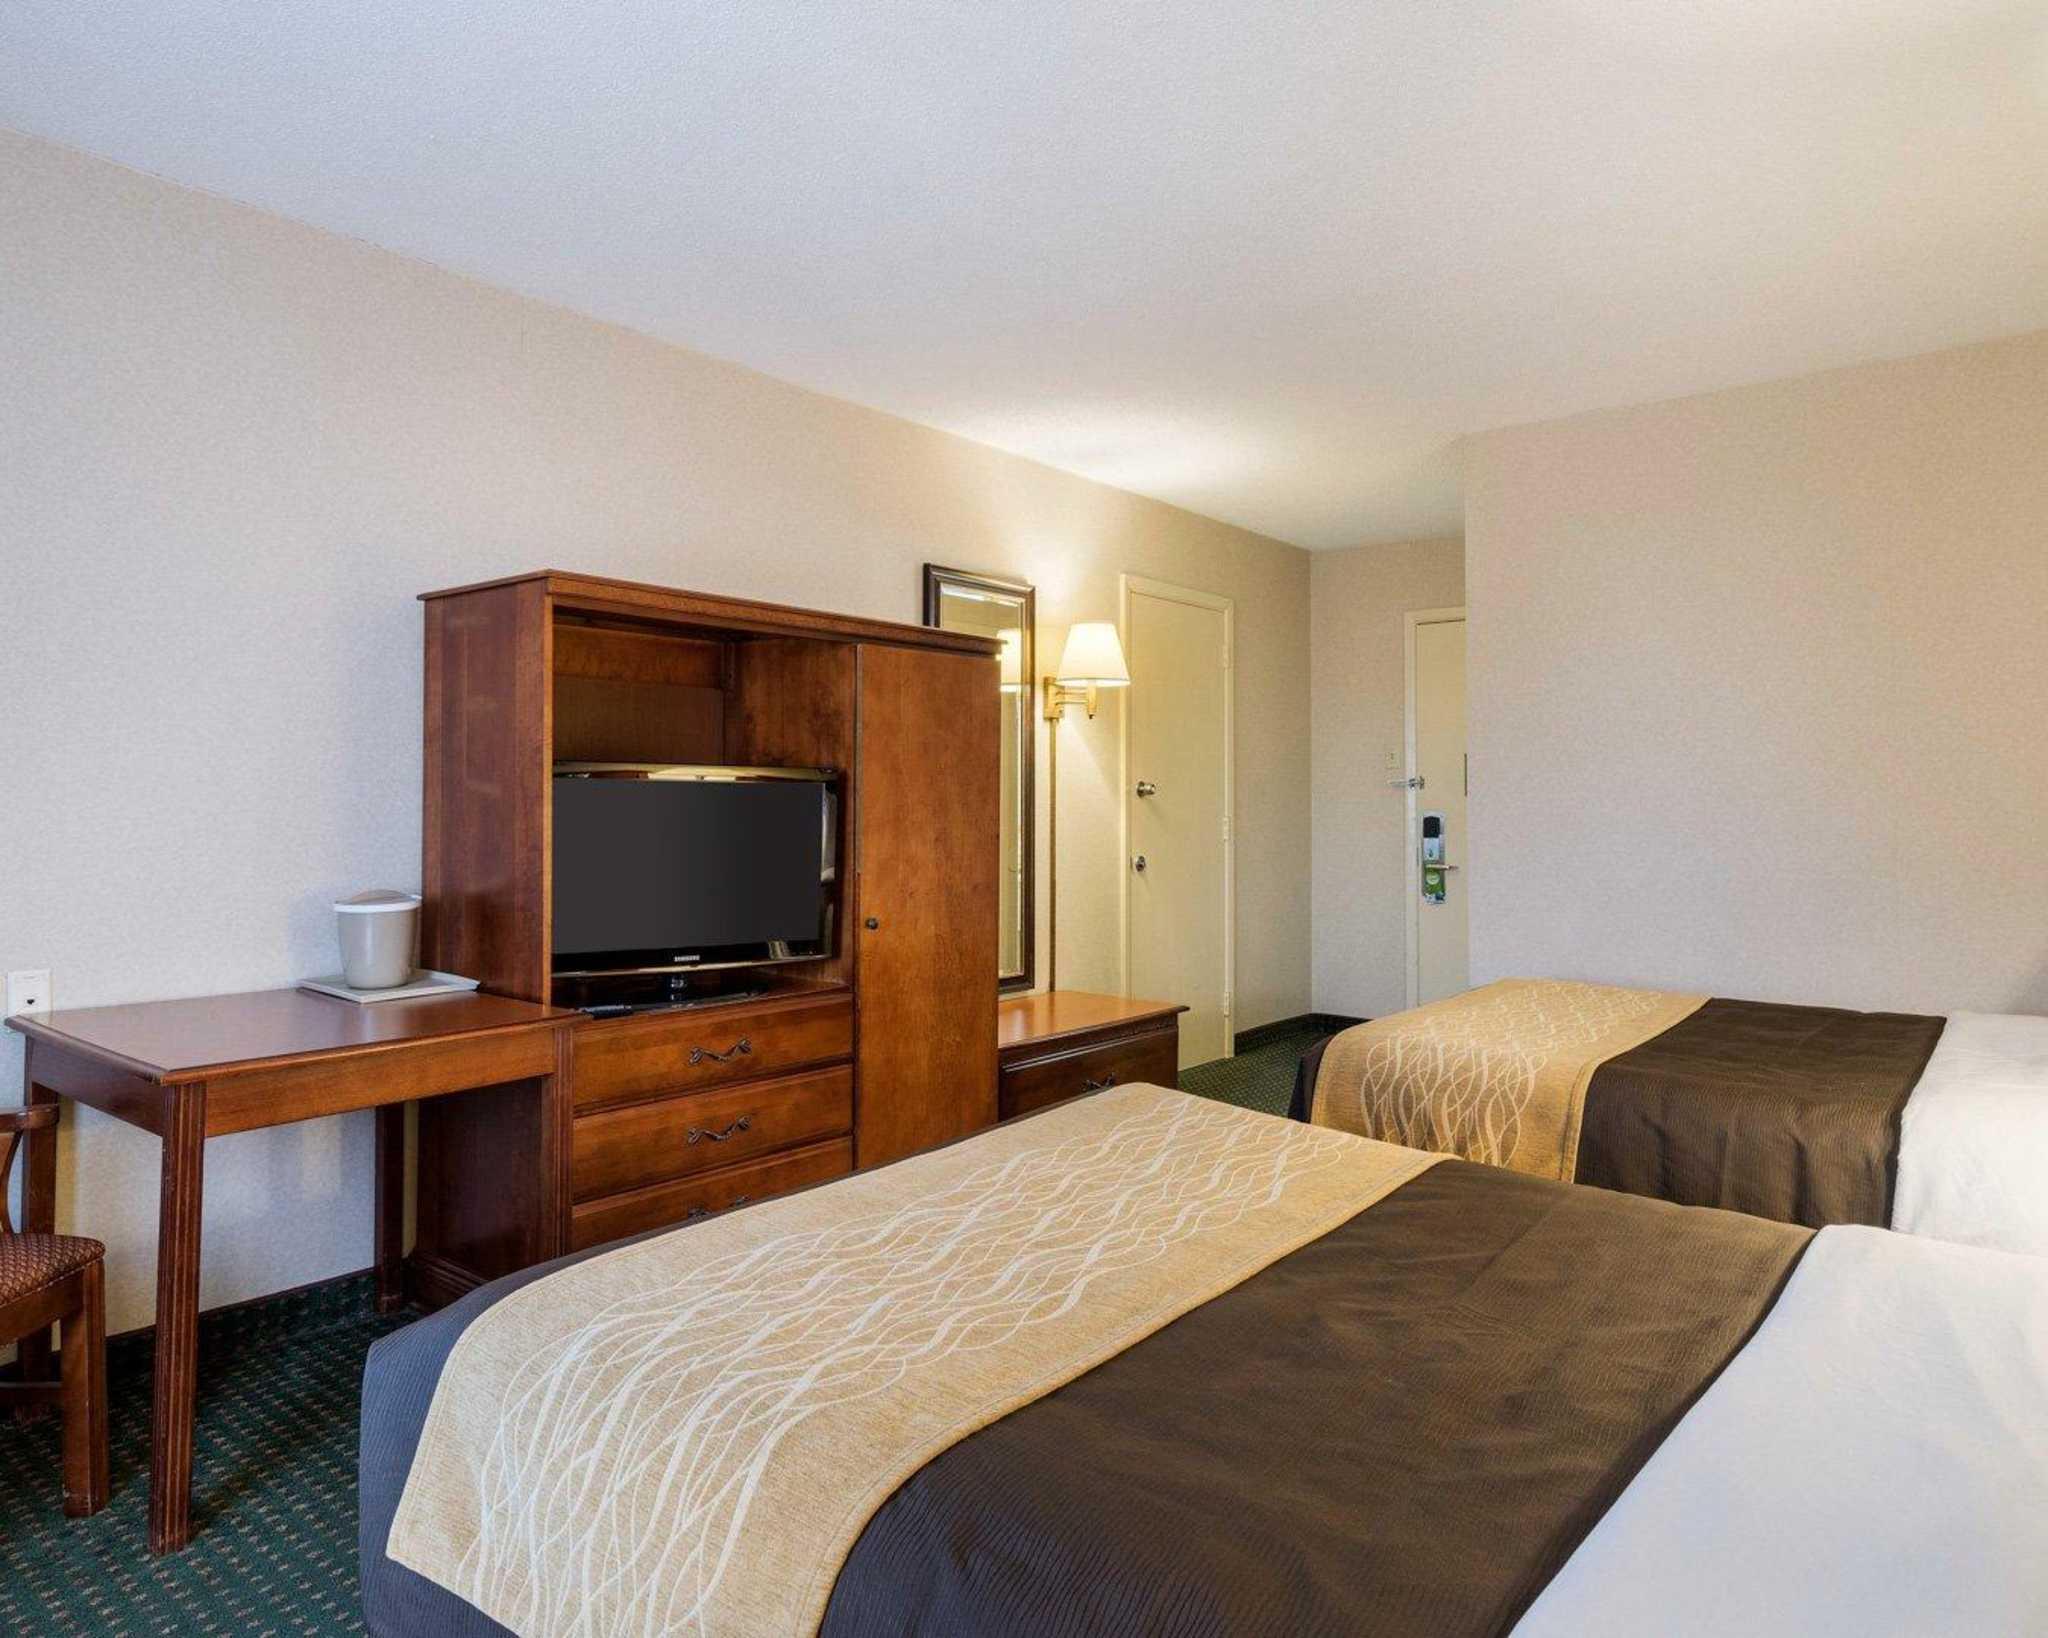 Comfort Inn Red Horse image 13